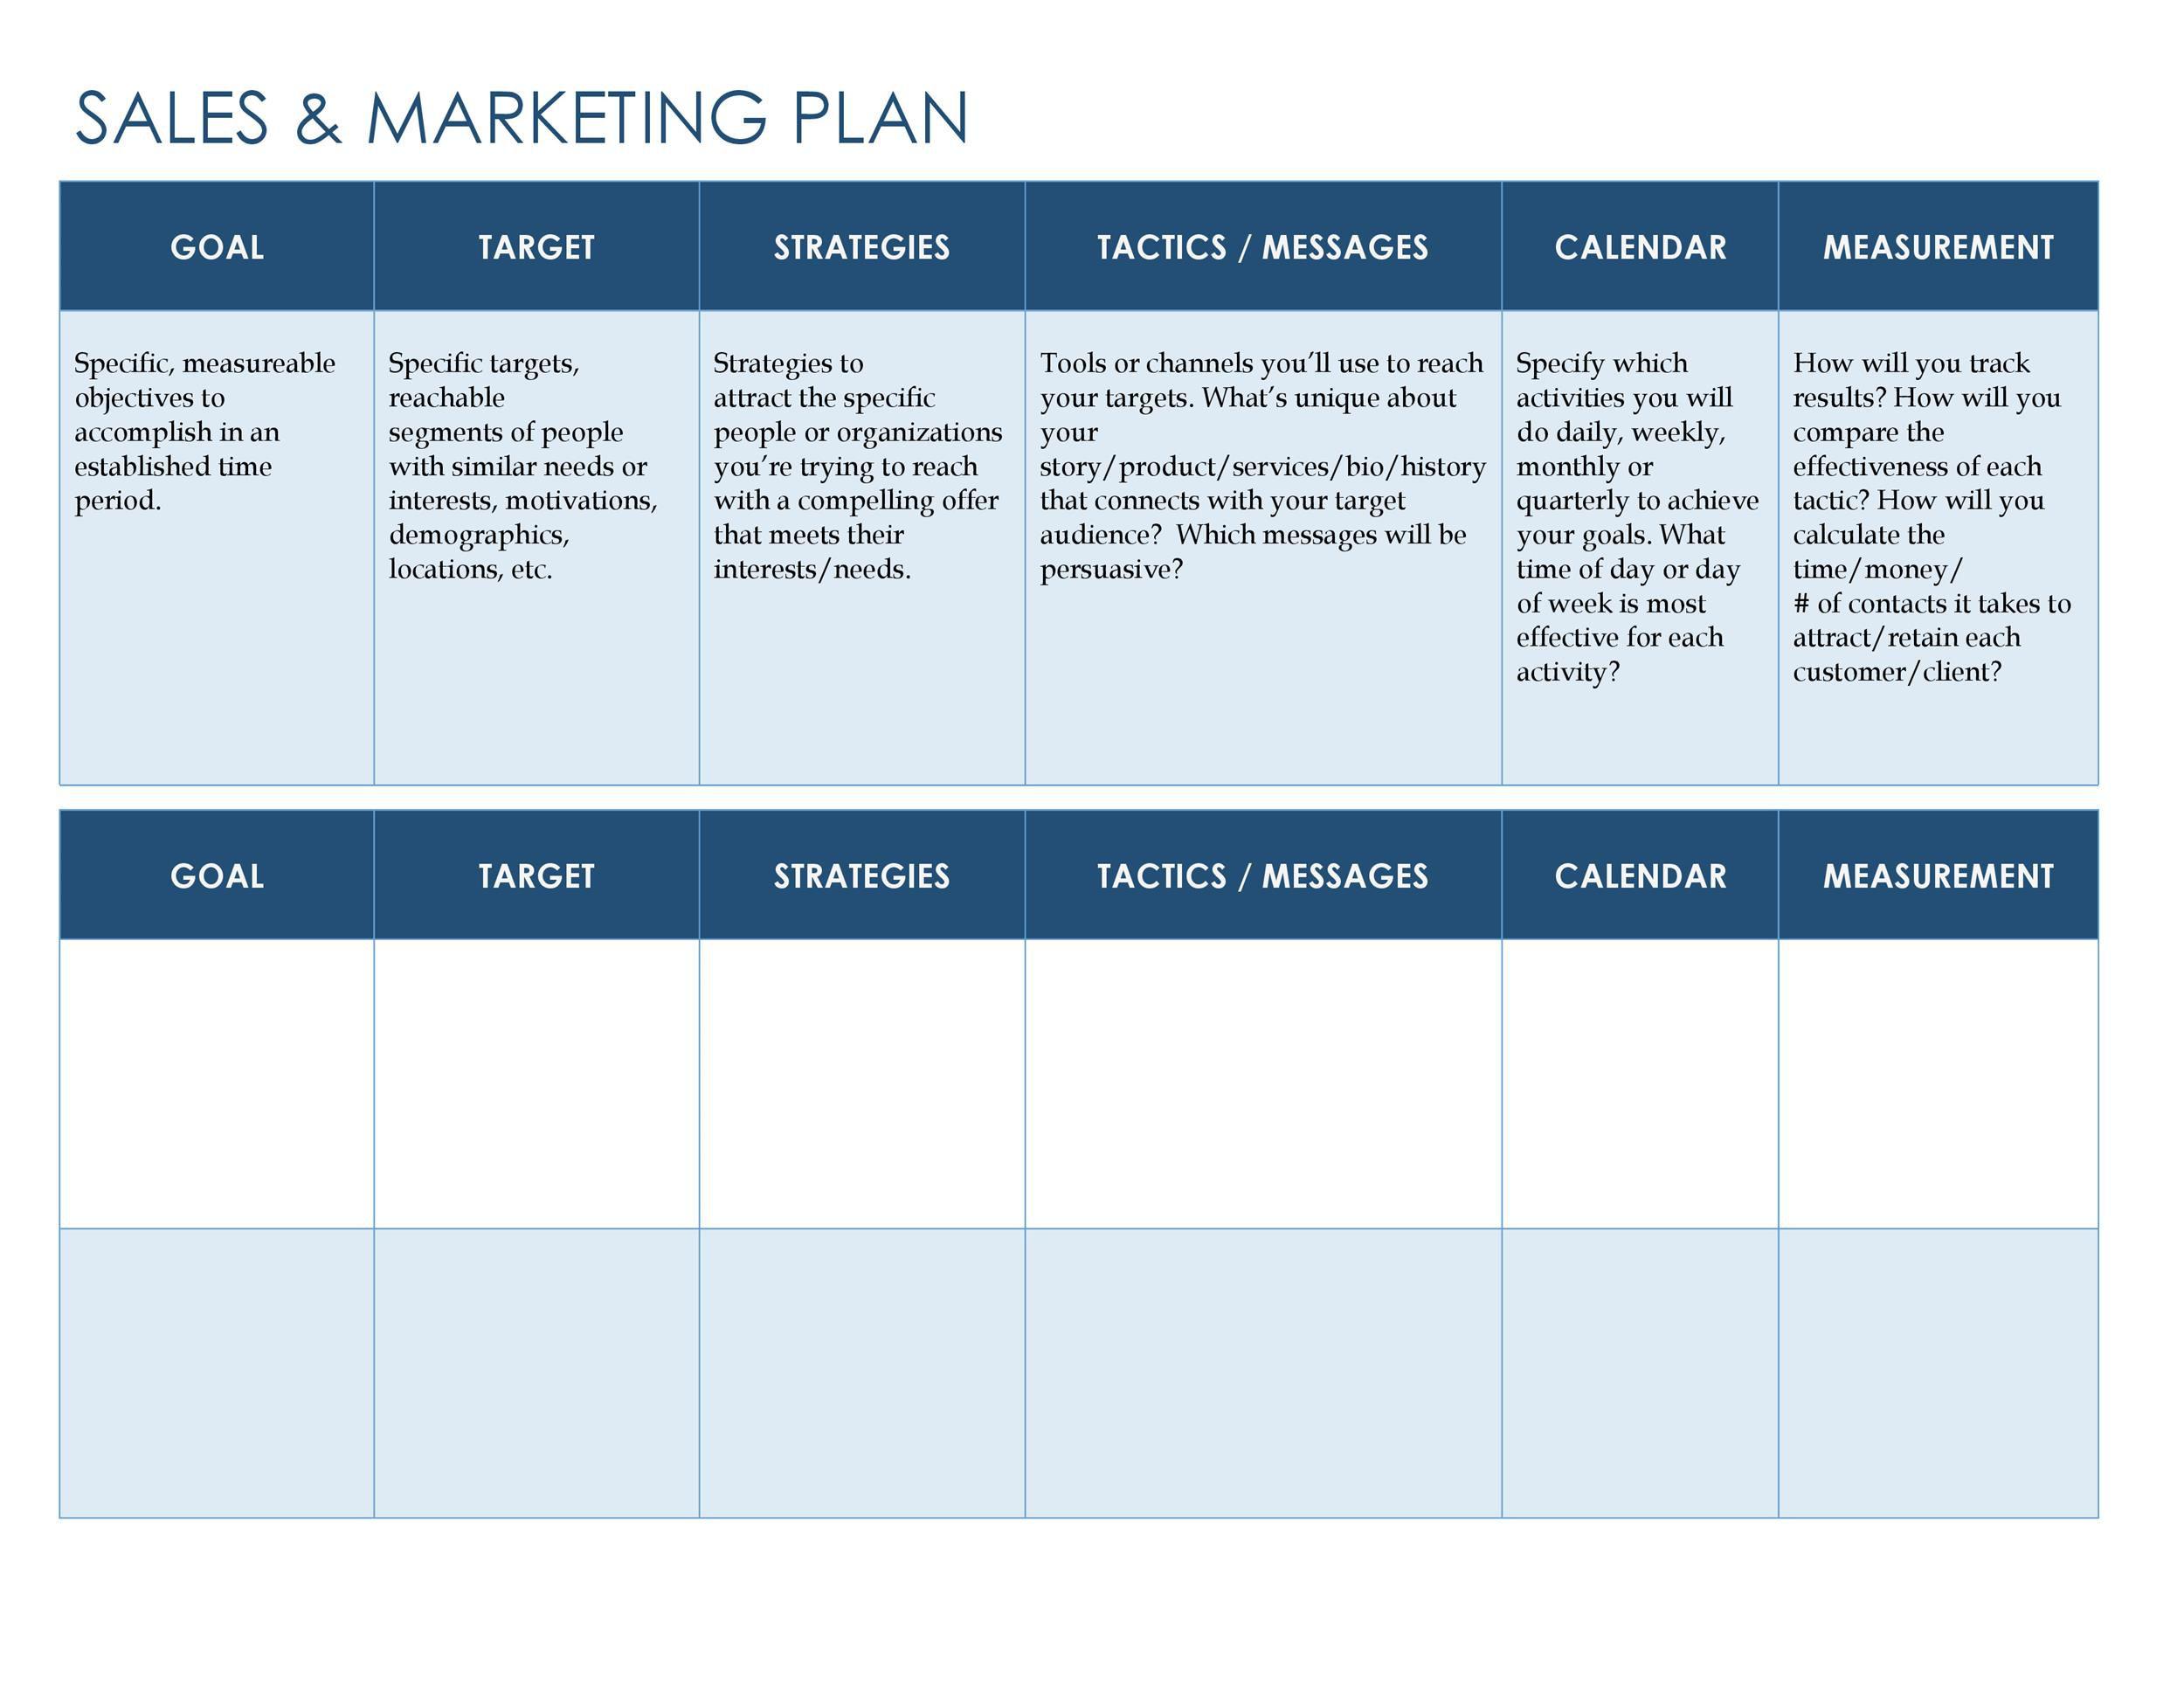 007 Phenomenal Free Marketing Plan Template Word Sample  Digital DownloadFull